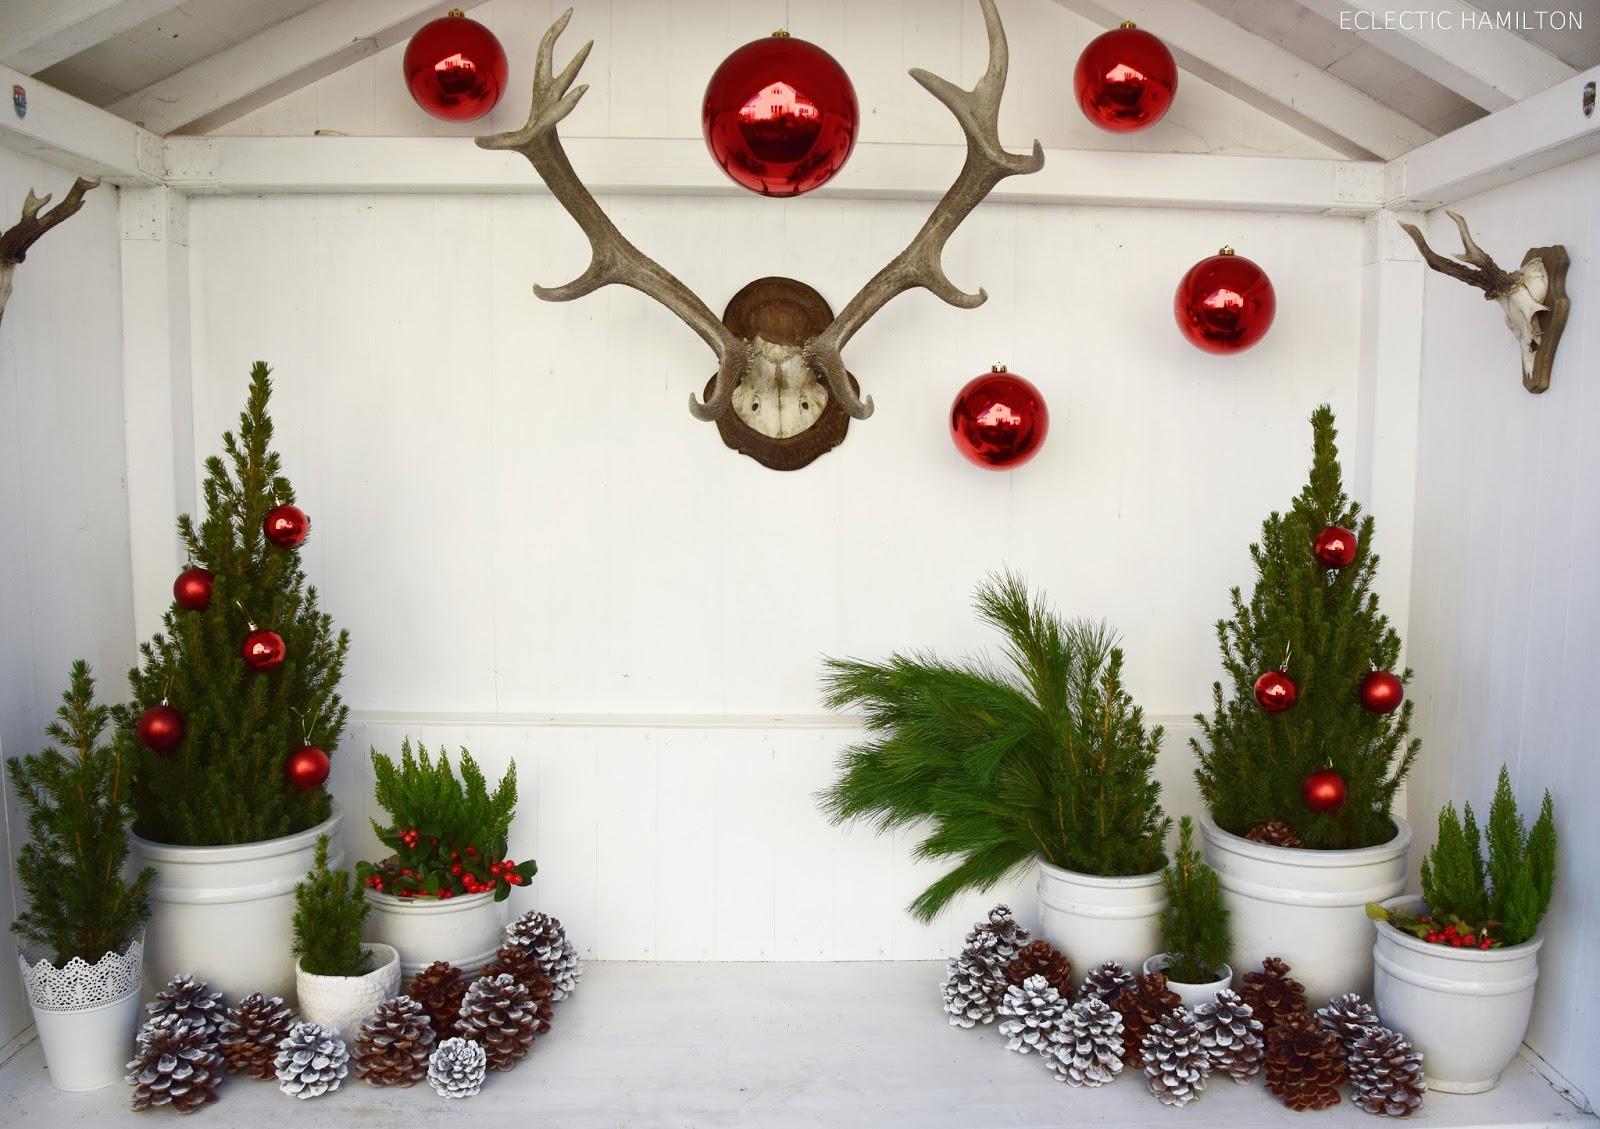 meine erste weihnachtsdeko und deko tipps f r euch eclectic hamilton. Black Bedroom Furniture Sets. Home Design Ideas